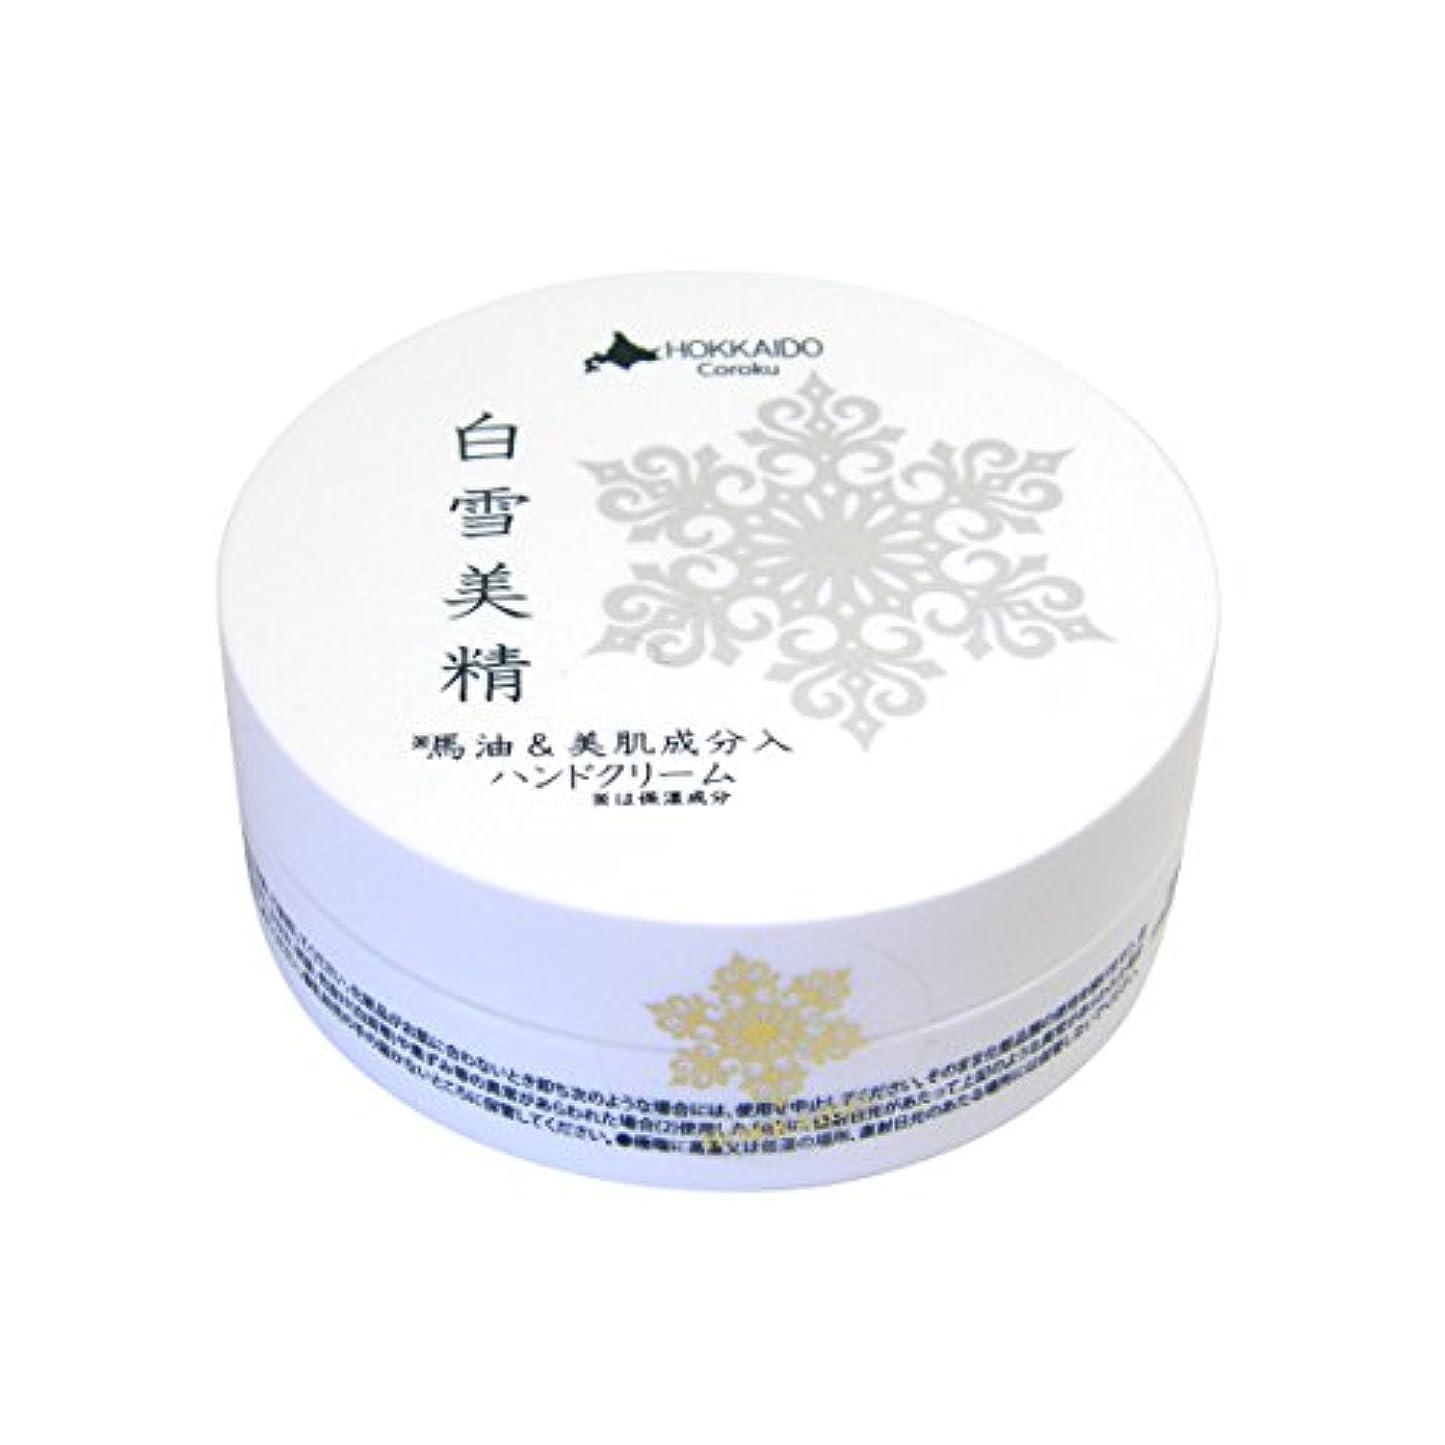 ケーキ毎年ミネラルCoroku 白雪美精 ハンドクリーム 30g